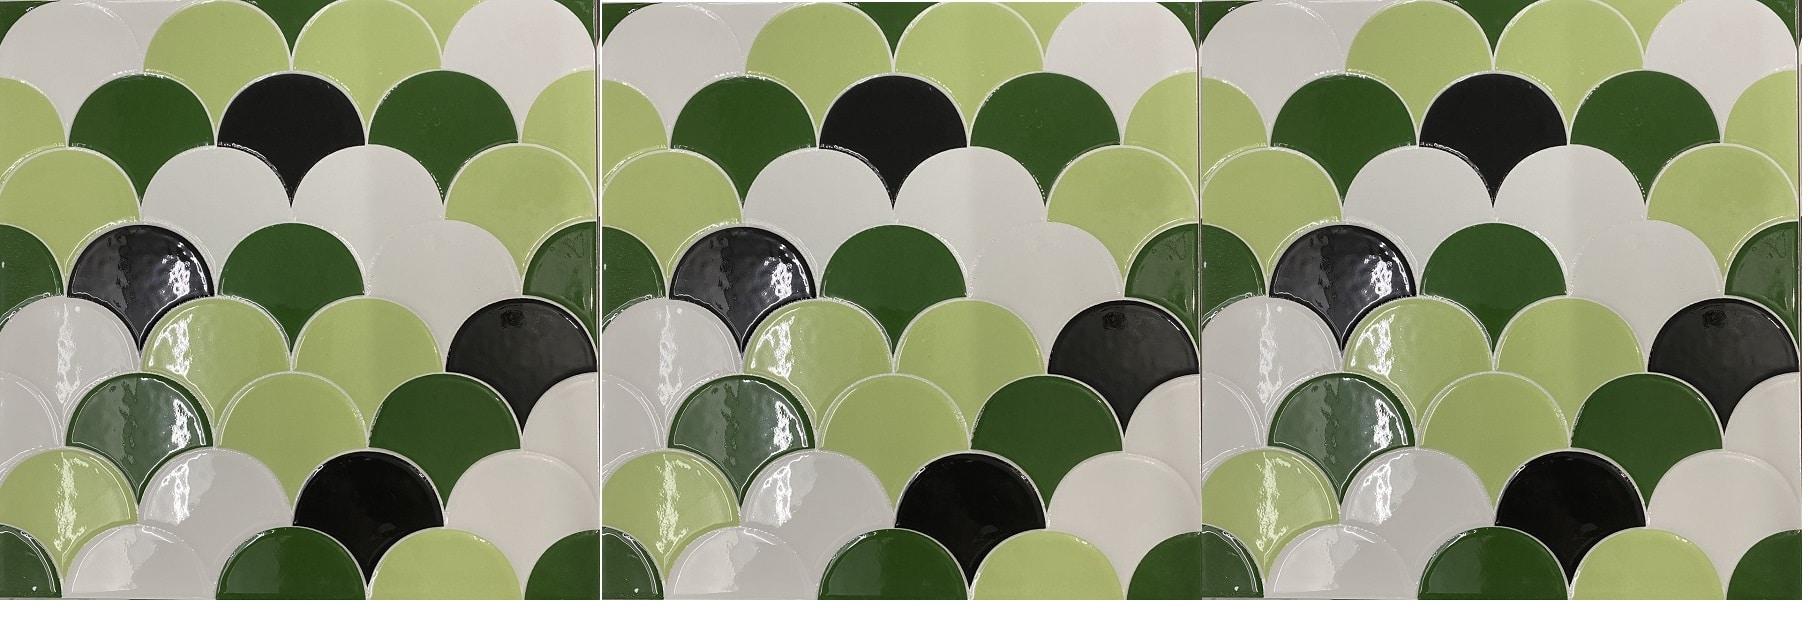 gach vay ca mau xanh la cay gia mosaic 30x30 cm op bep phong ve sinh